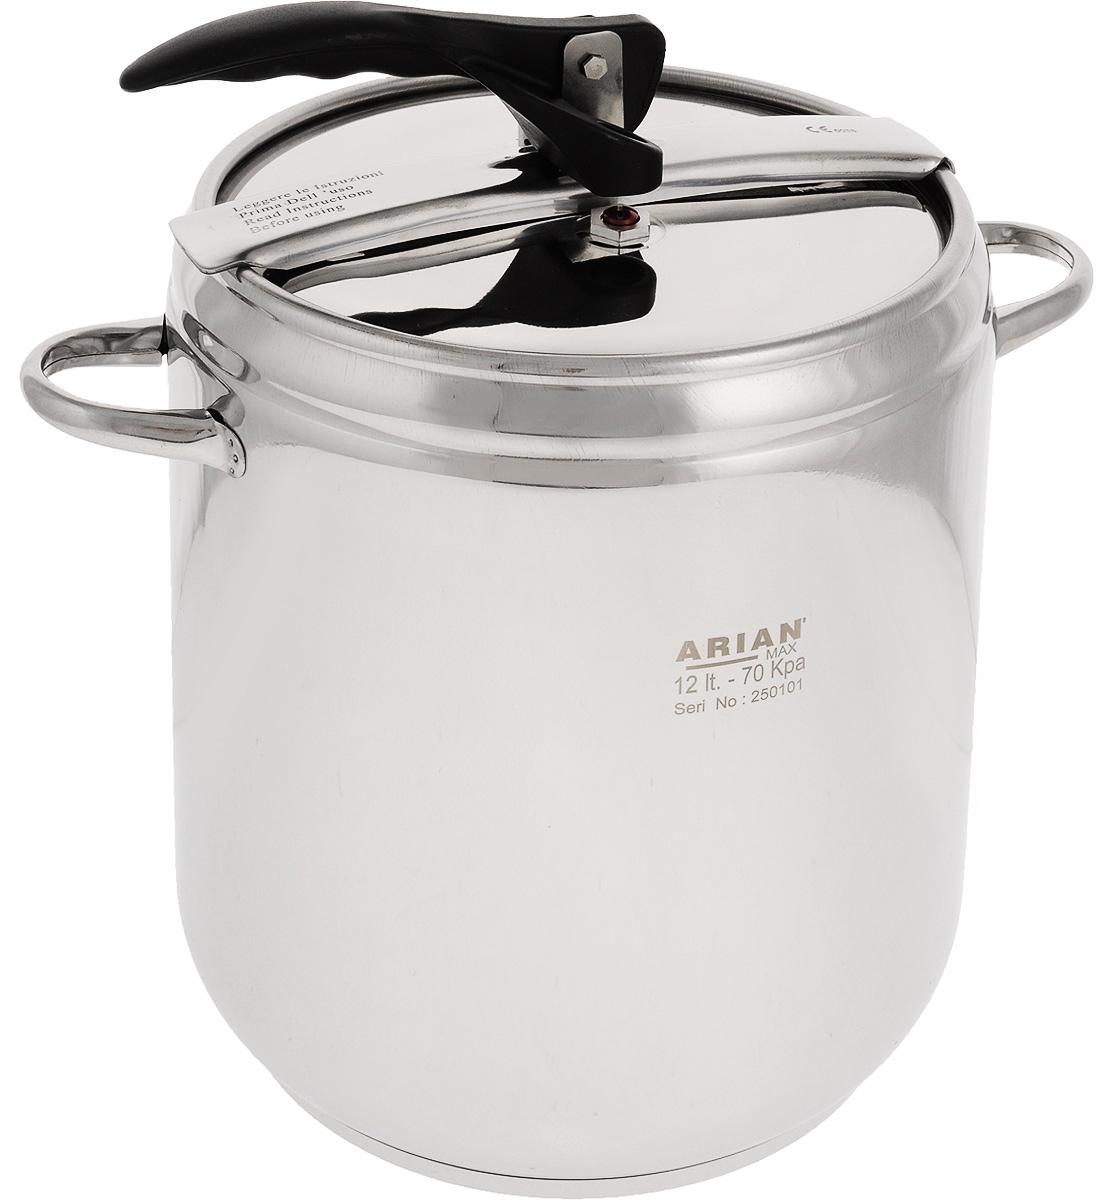 Скороварка Arian, 12 л800-12Скороварка Arian выполнена из высококачественной нержавеющей стали с зеркальной полировкой. Изделие оснащено толстым трехслойным капсульным дном, обеспечивающим равномерный нагрев и длительное сохранение тепла. Приготовление пищи в скороварке имеет массу преимуществ по сравнению с обычными способами варки в кастрюле. Время приготовления значительно сокращается, так как процесс происходит при повышенном давлении. При приготовлении пищи в скороварке сохраняется первоначальное количество жидкости - не происходит выпаривания. В процессе приготовления резко пахнущих продуктов (например, некоторых сортов рыбы) запах почти не распространяется. Крышка герметично закрывается. При этом пар выходит наружу только через клапан, поддерживающий повышенные давление и температуру внутри скороварки. Посуда функциональна и практична в использовании, является незаменимым помощником в приготовлении первых и вторых блюд из различных продуктов. Подходит для использования на всех типах плит, включая индукционные. Подходит для мытья в посудомоечной машине. Диаметр скороварки: 22 см. Высота скороварки: 27 см. Ширина скороварки (с учетом ручек): 33 см.